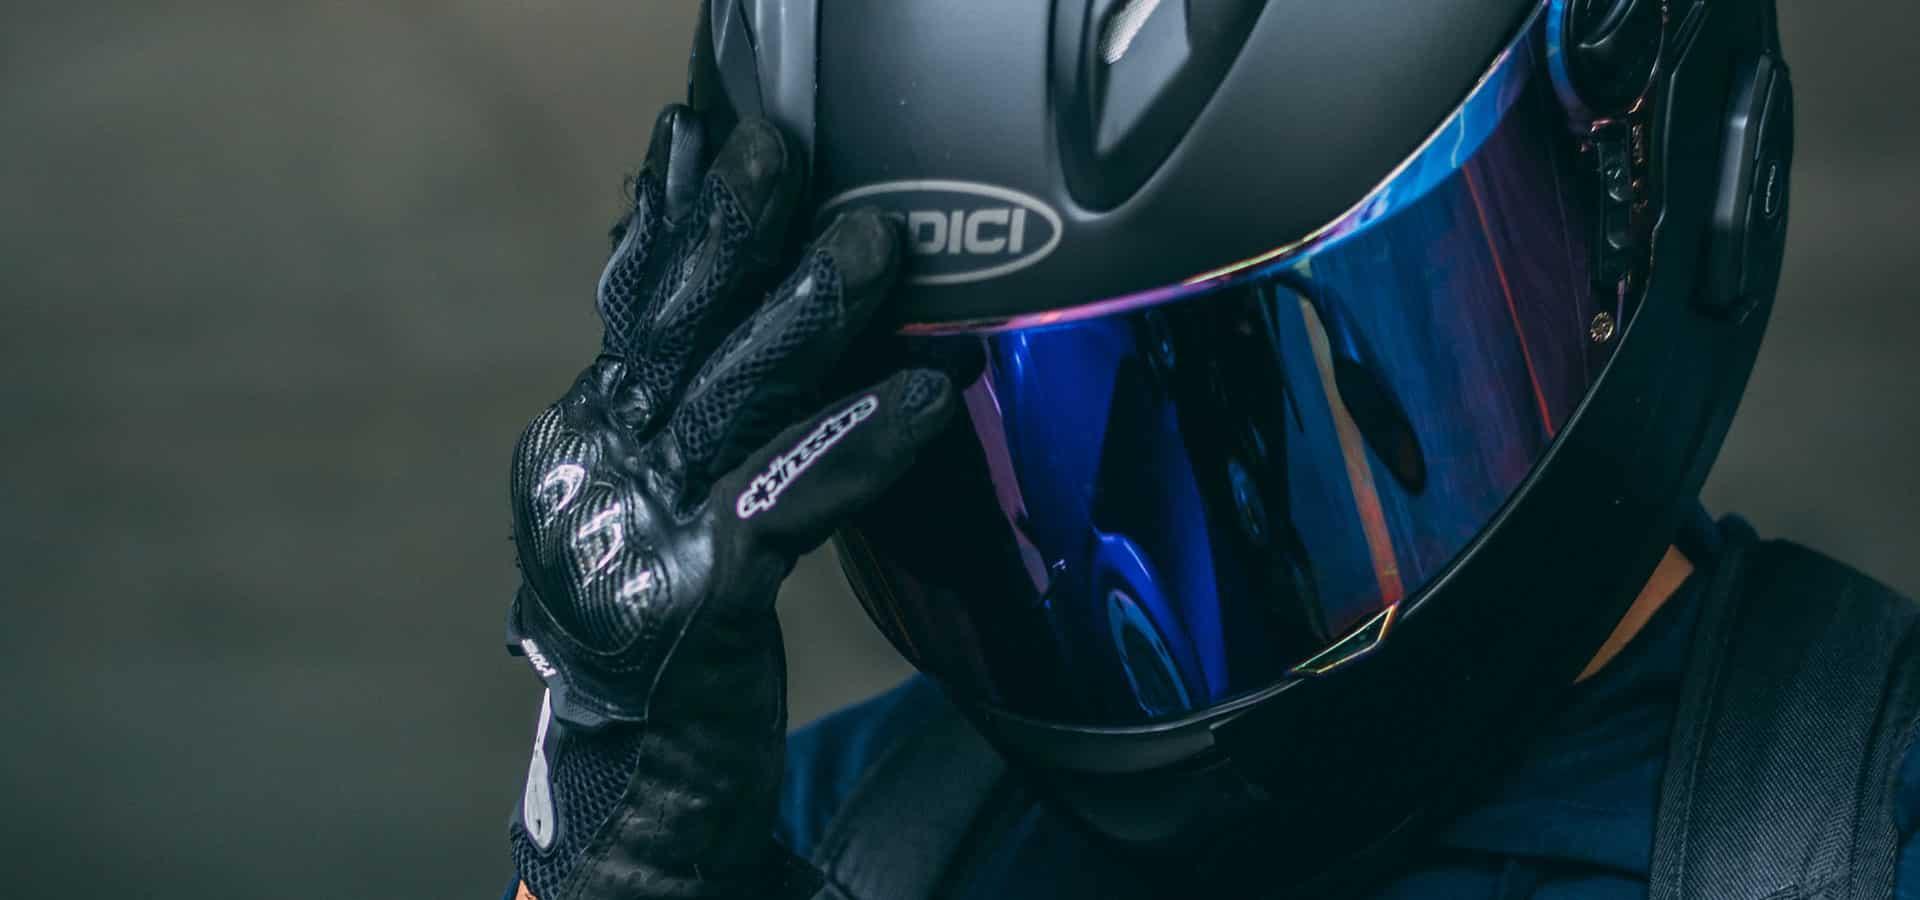 Choisir un casque moto : ce qu'il faut savoir pour faire un achat averti.